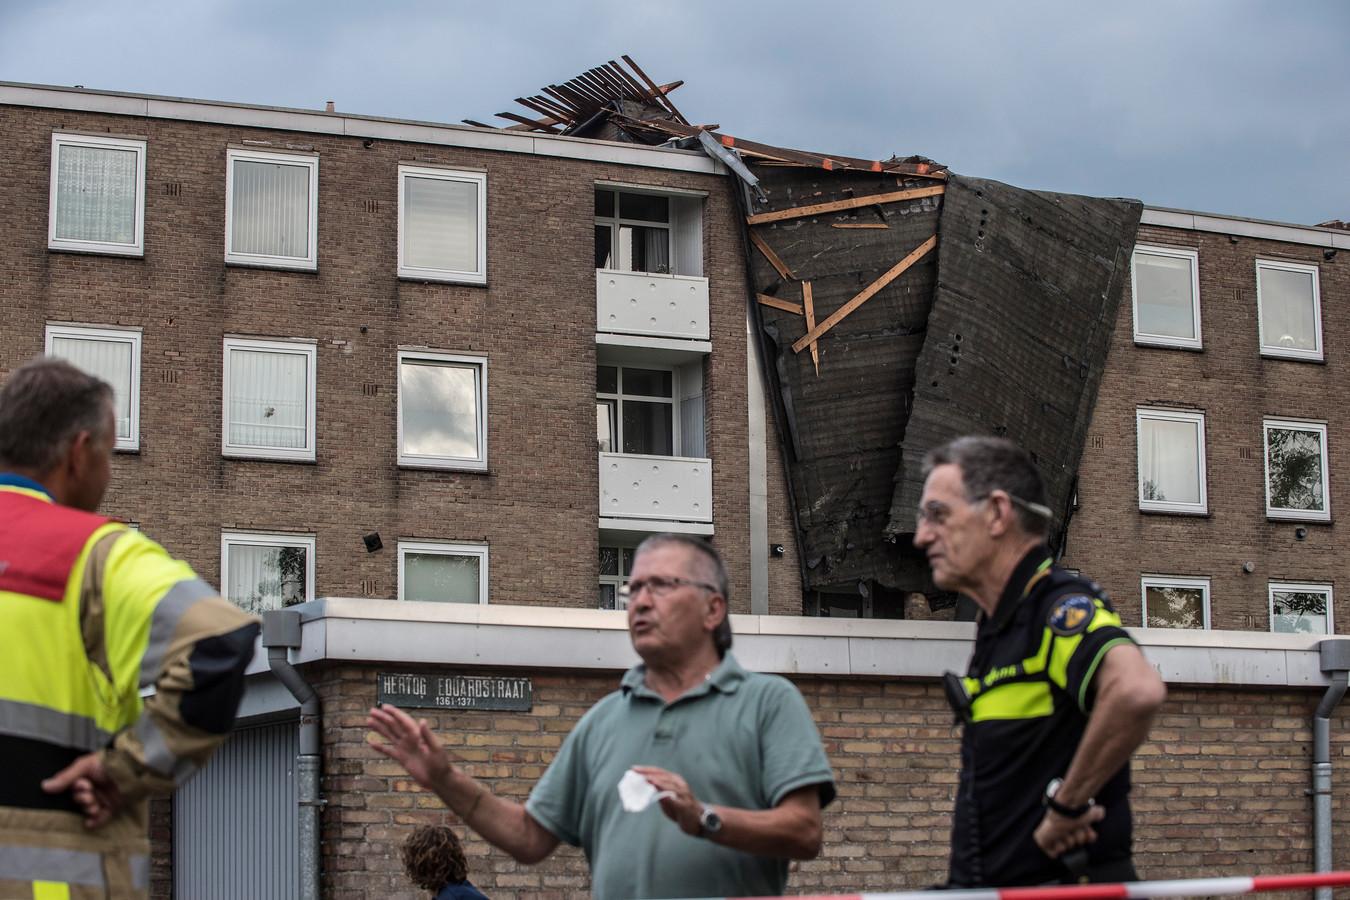 Tiel 18/06/2021 - Stormschade - gedeelte dak van flat weggewaaid Hertog Eduardstraat - code oranje  - tbv Gelderlander - dgfoto - Foto Raphael Drent